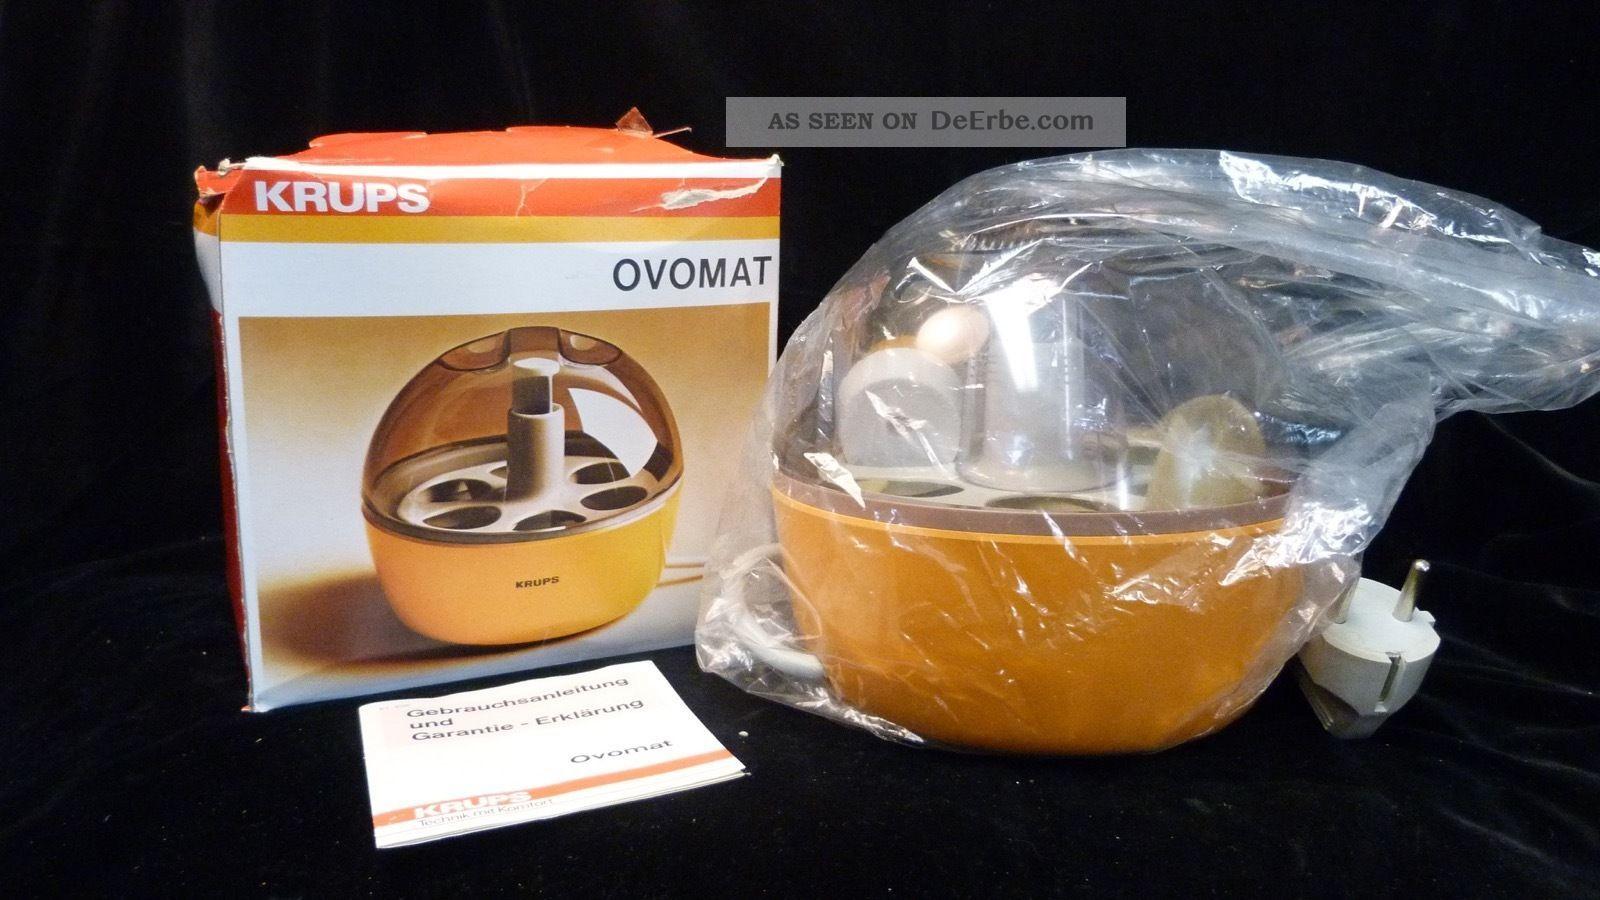 Krups Eierkocher Ovomat 238 - Orange - 70 Er Jahre - Vintage - - Für 6 Eier 1970-1979 Bild